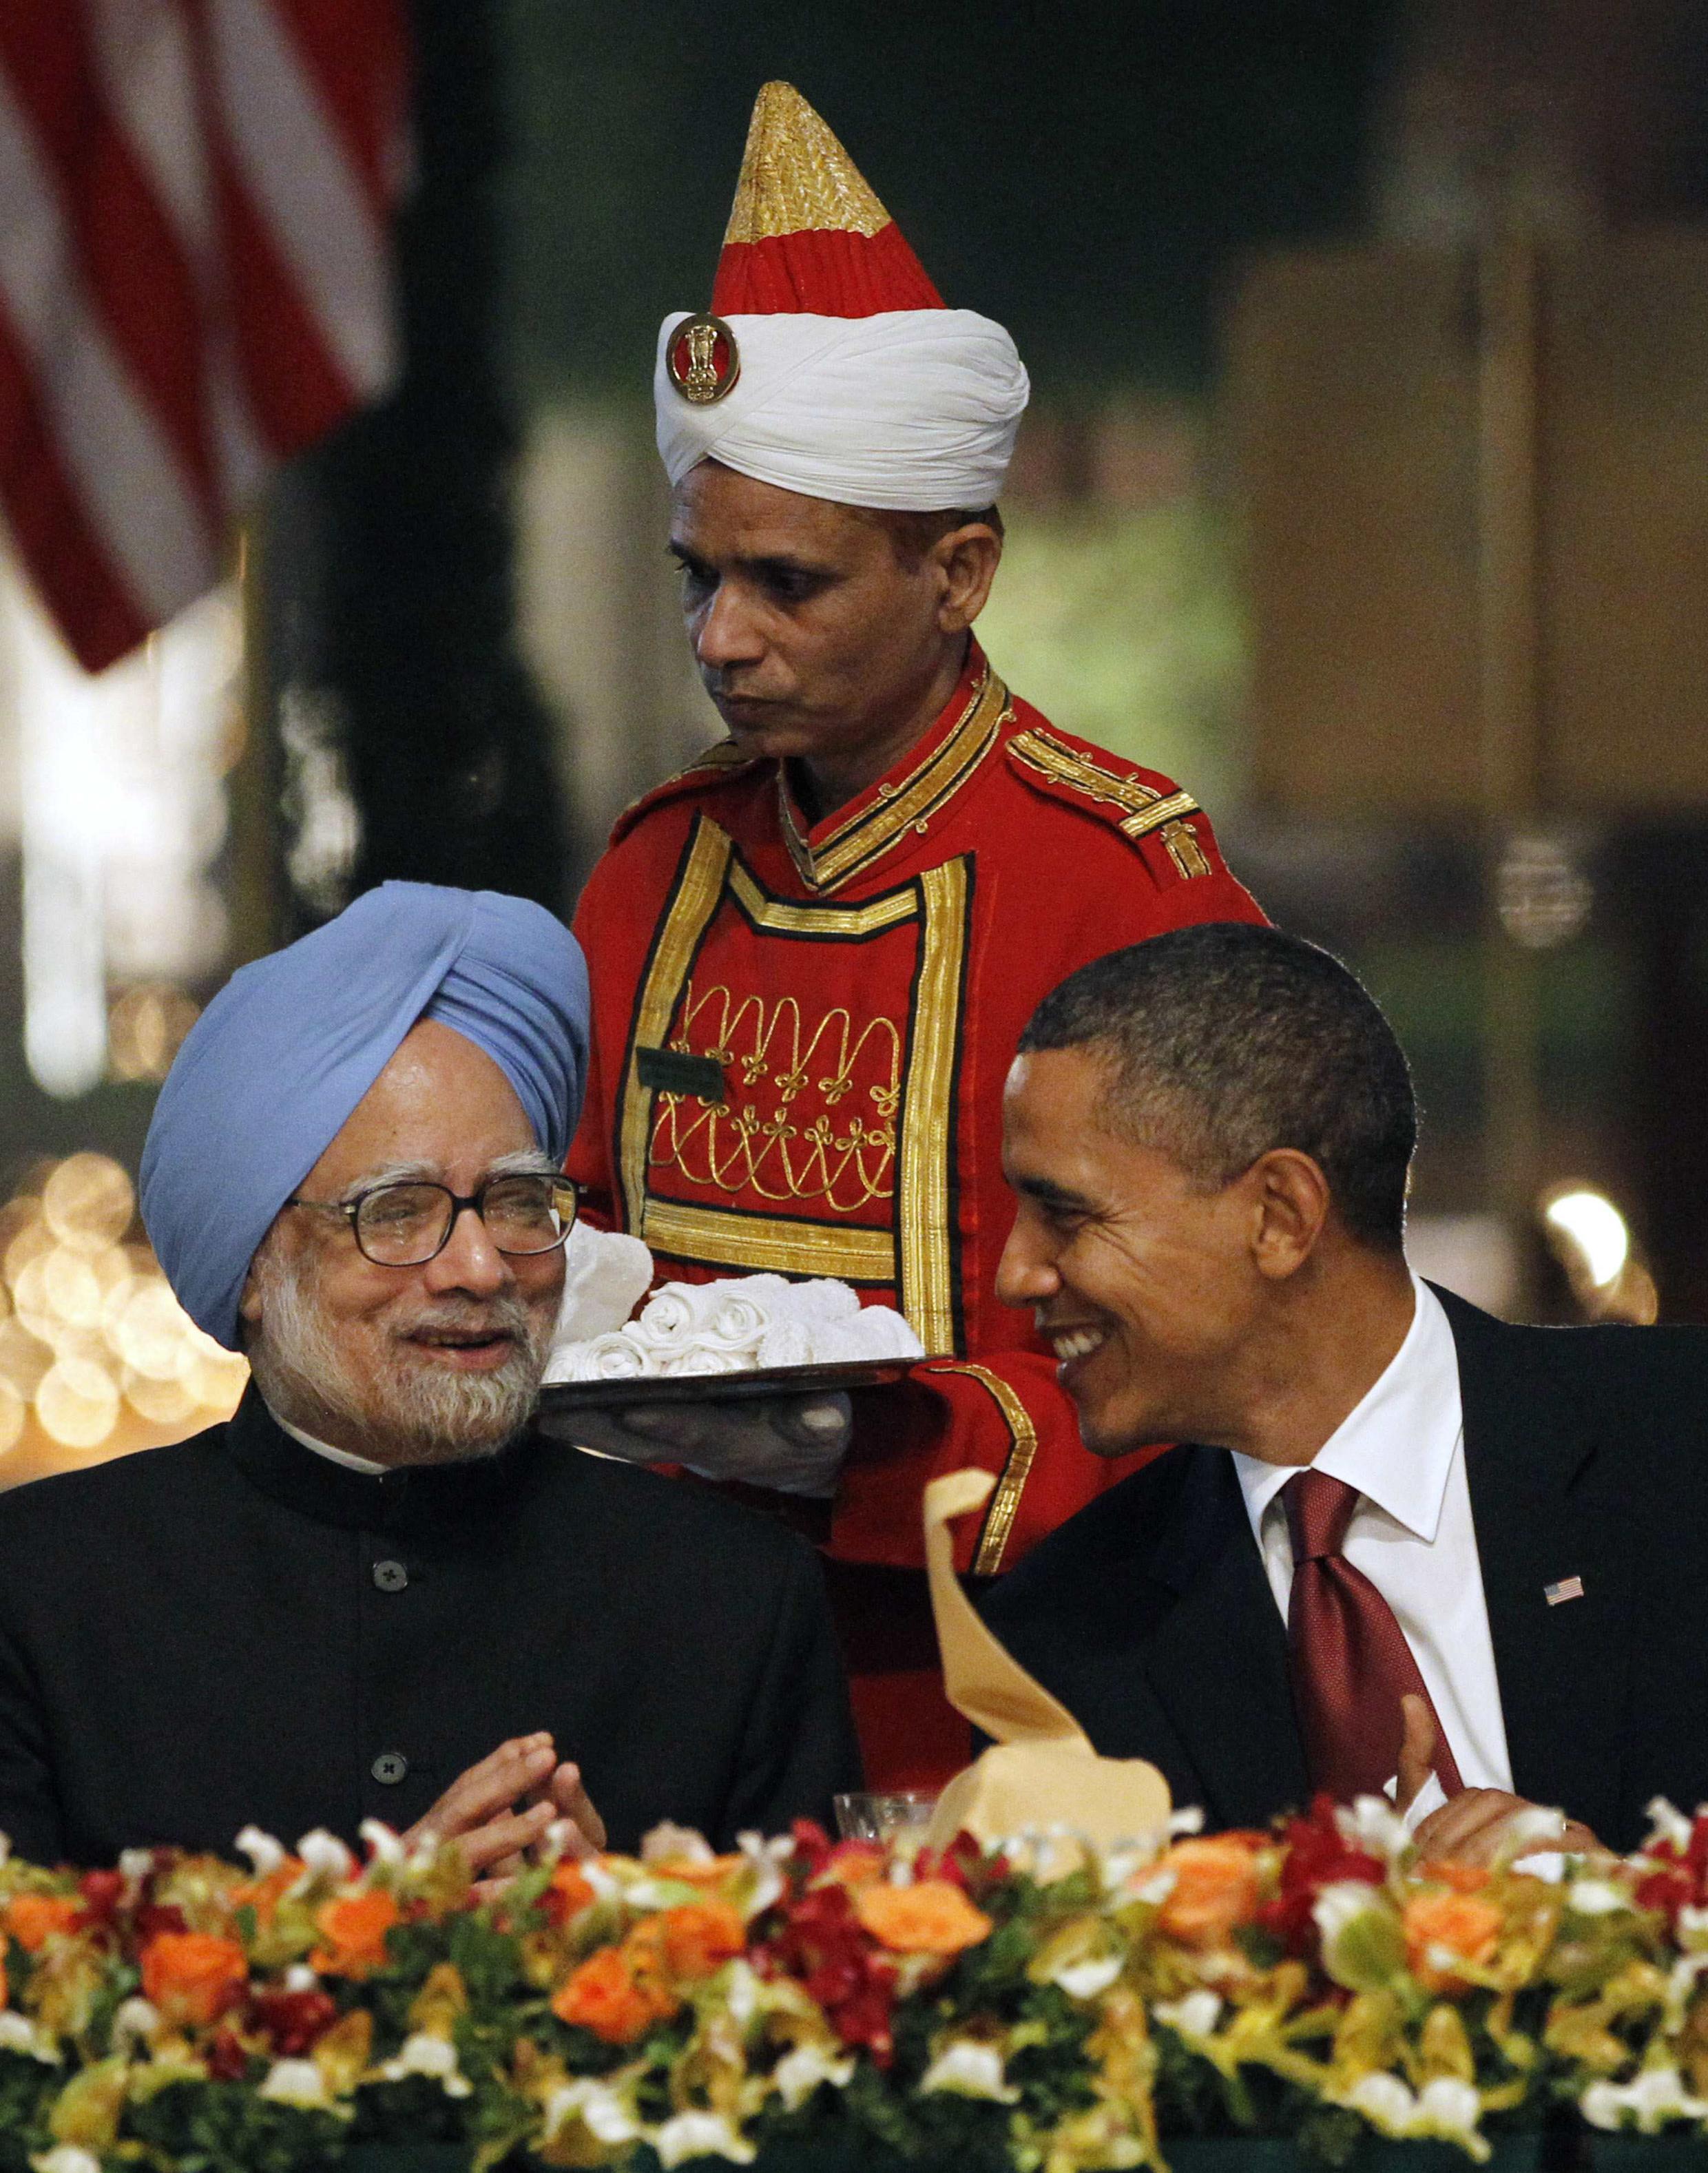 Barack Obama junto com o primeiro-ministro indiano, Manmohan Singh durante jantar em Rashtrapati Bhavan, Nova Deli, 8 de novembro de 2010.